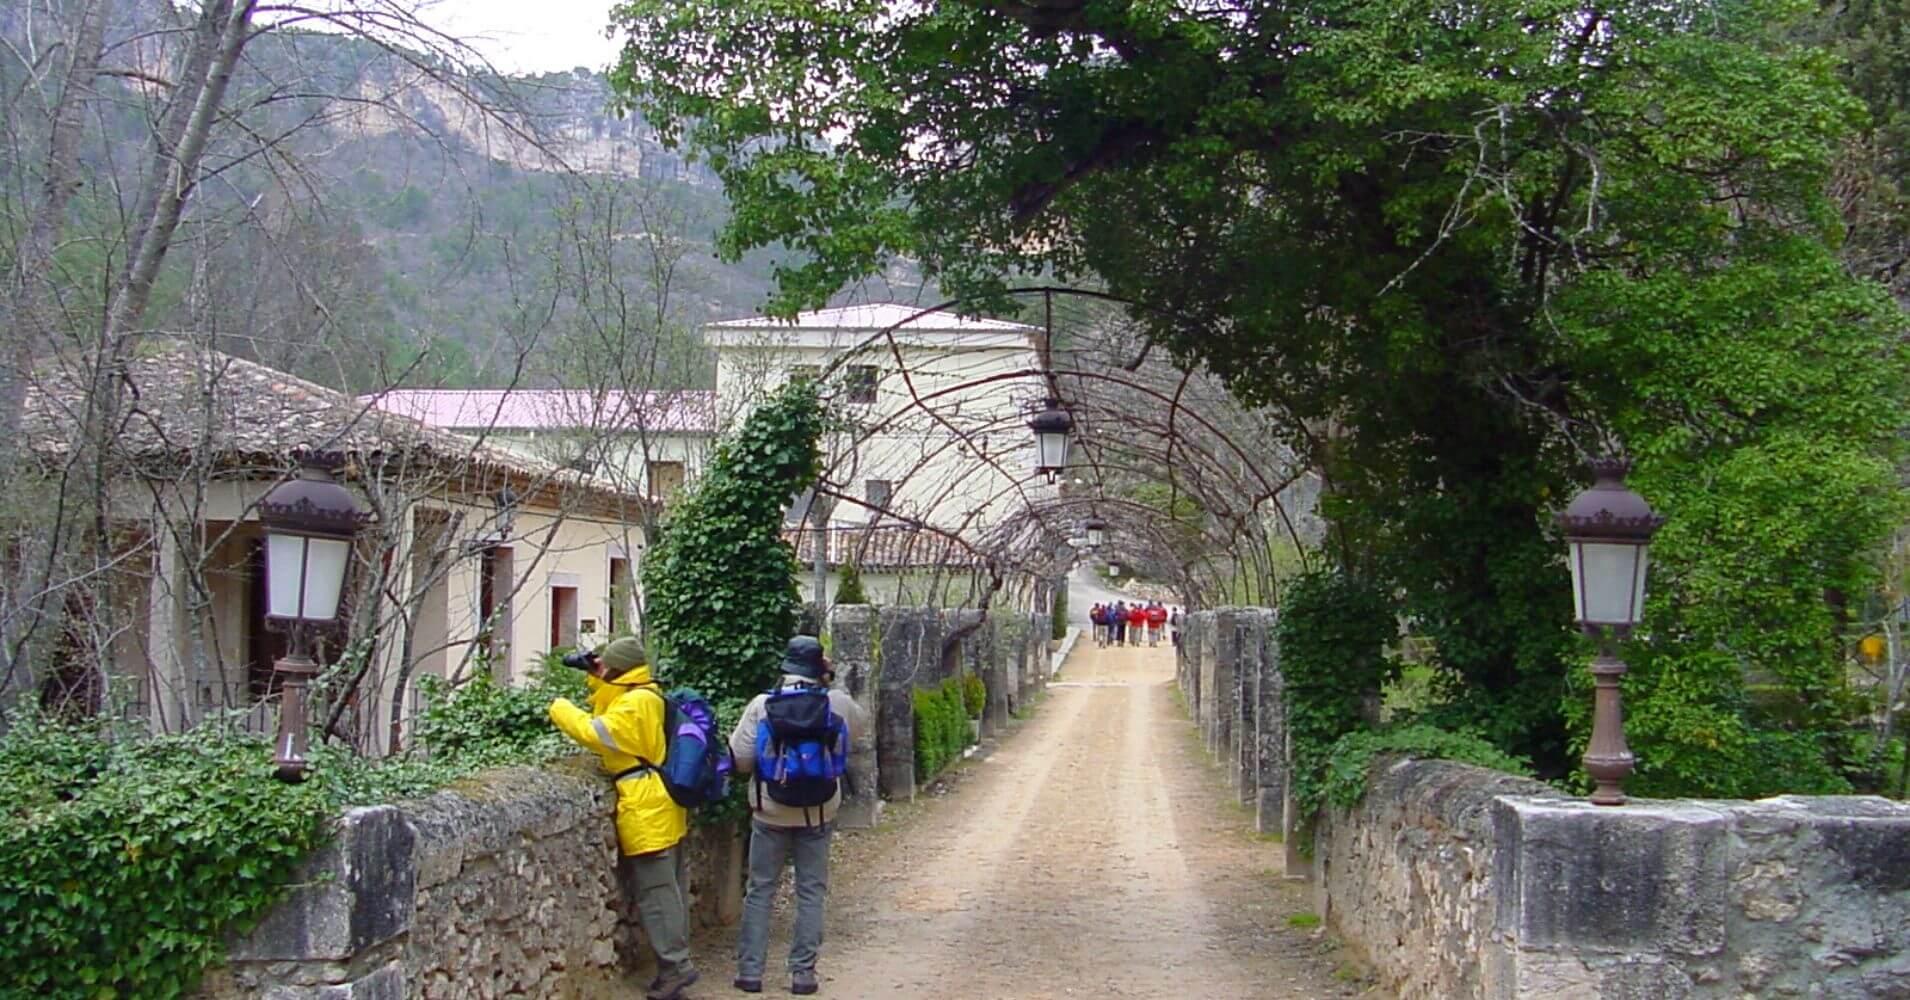 Jardines del Real Balneario de Solán de Cabras. Cuenca, Castilla la Mancha.